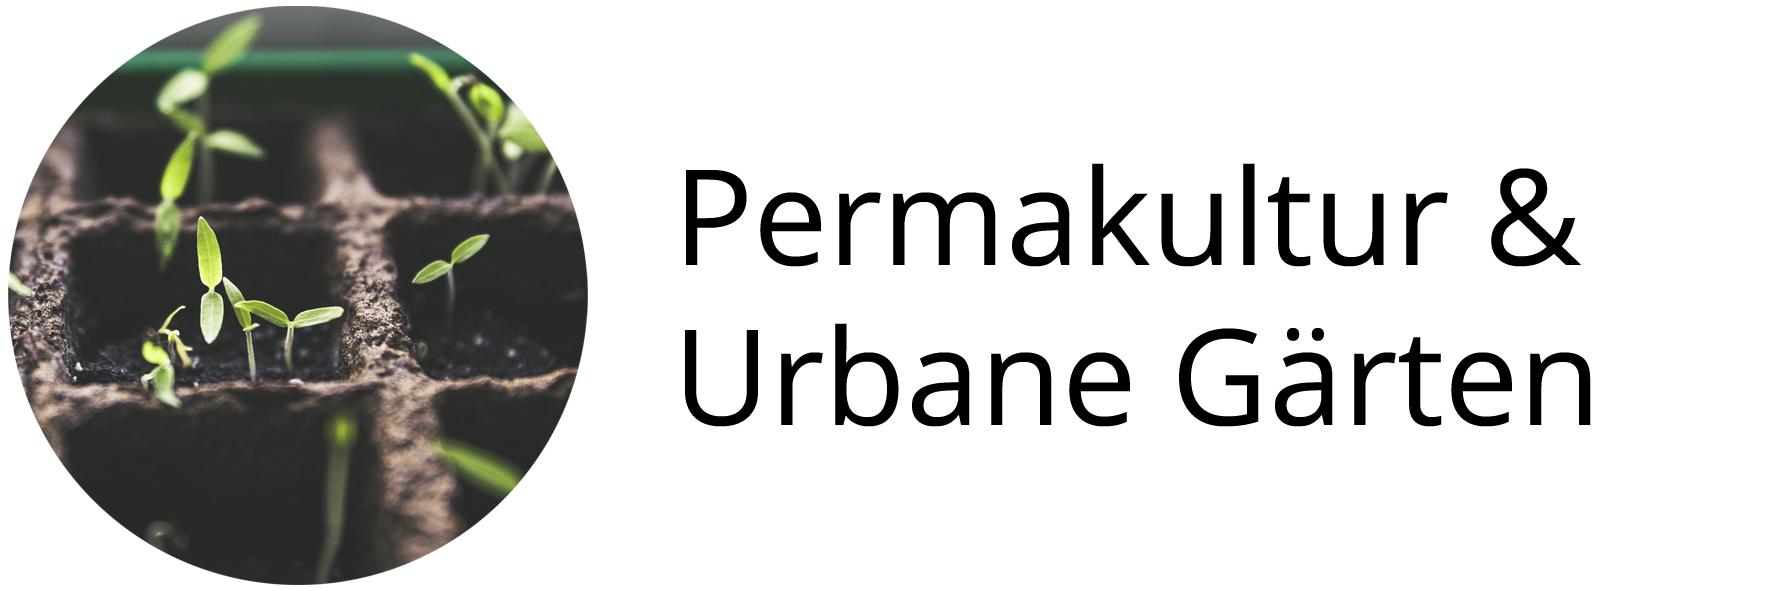 Permakultur & Urbane Gärten